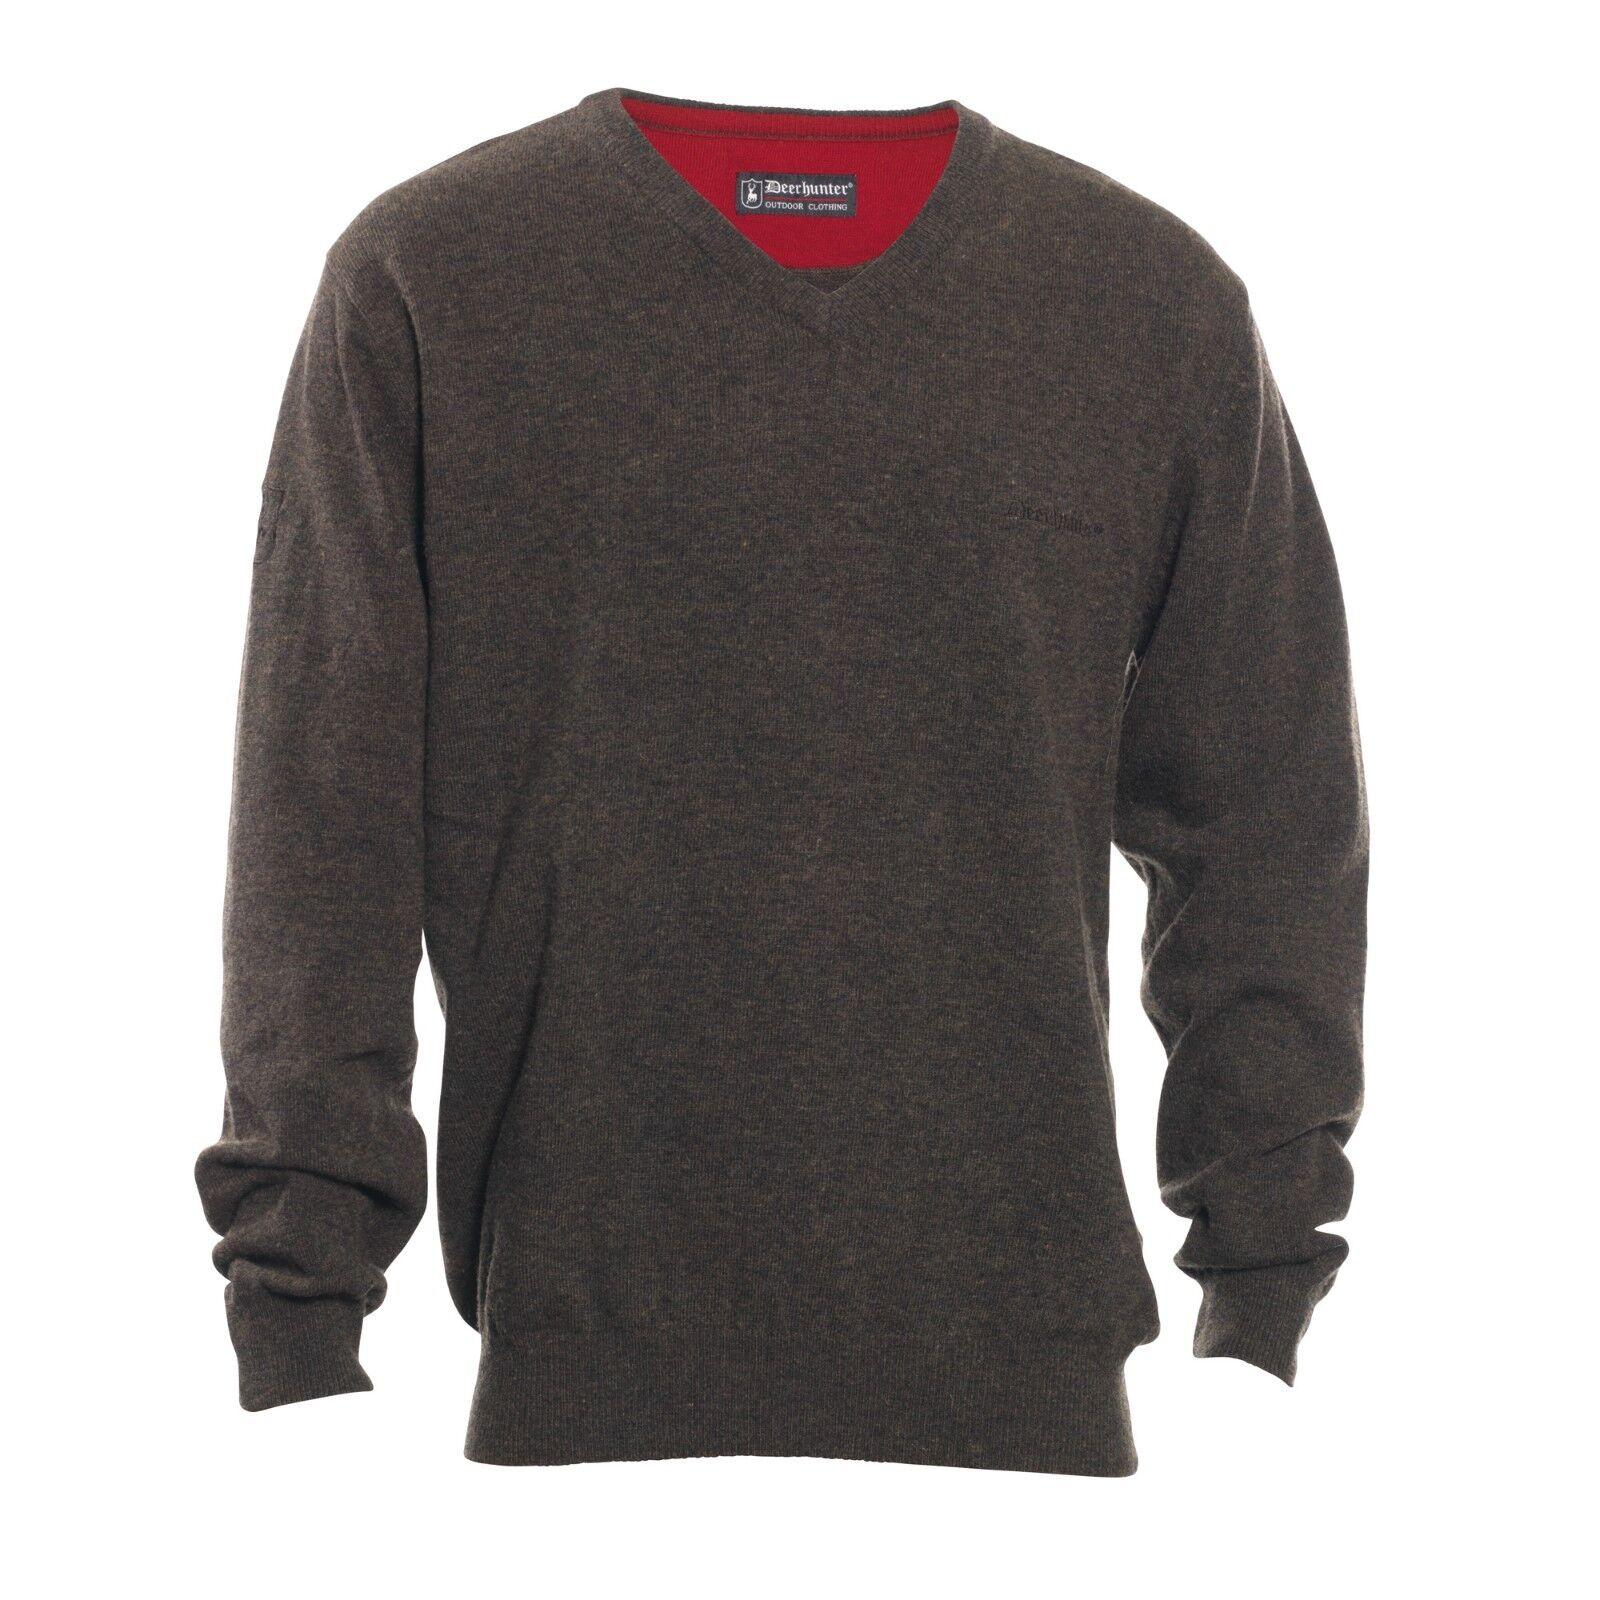 Top  oferta  Deerhunter Brighton suéter V-cuello, artículos de punto de cordero  venta con descuento